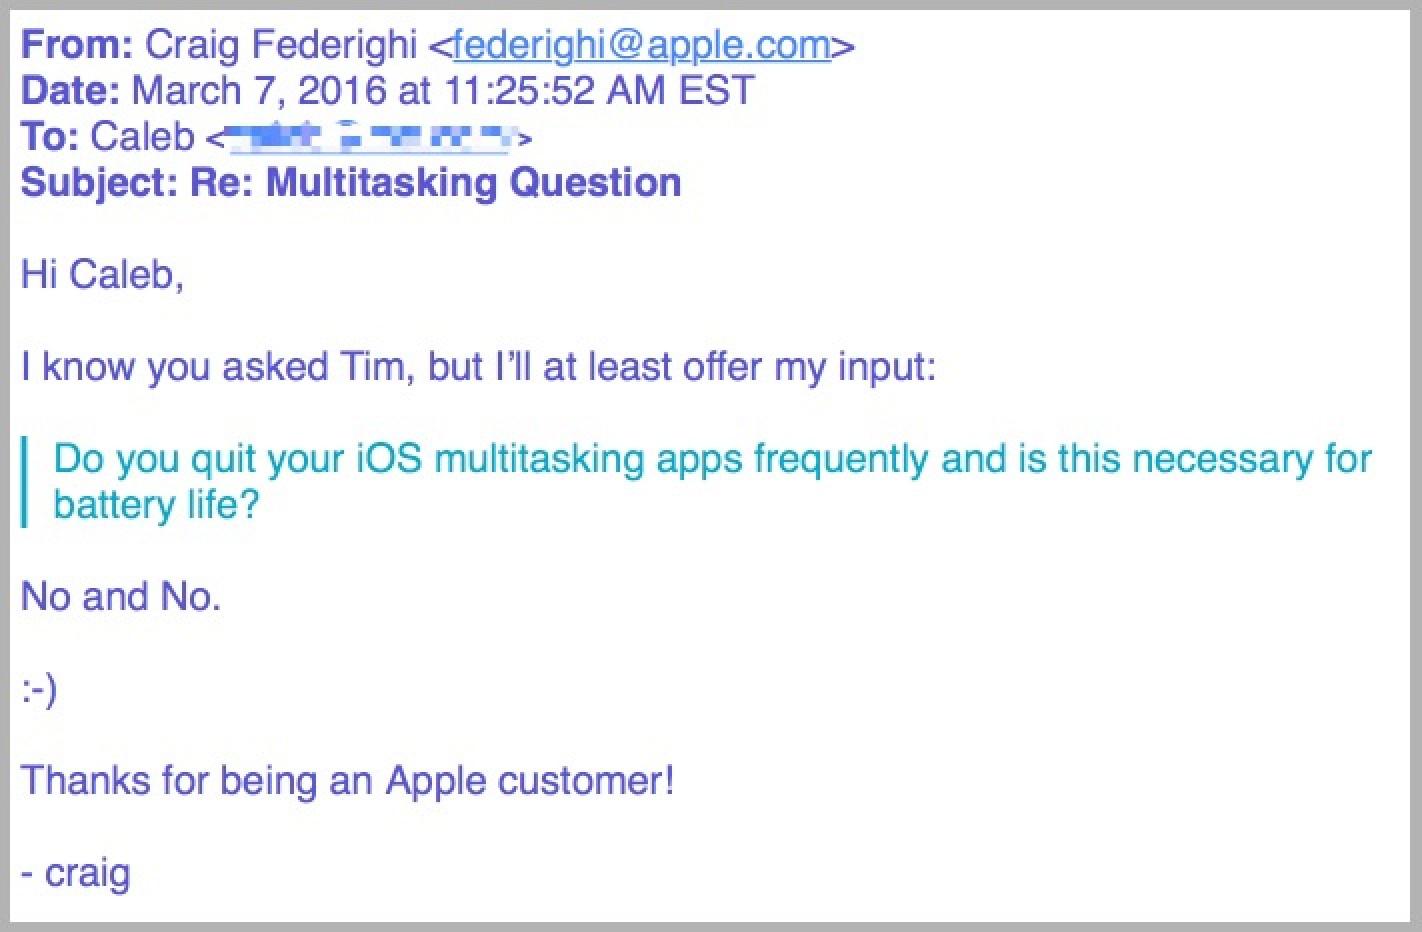 multitasking-battery-email.jpg